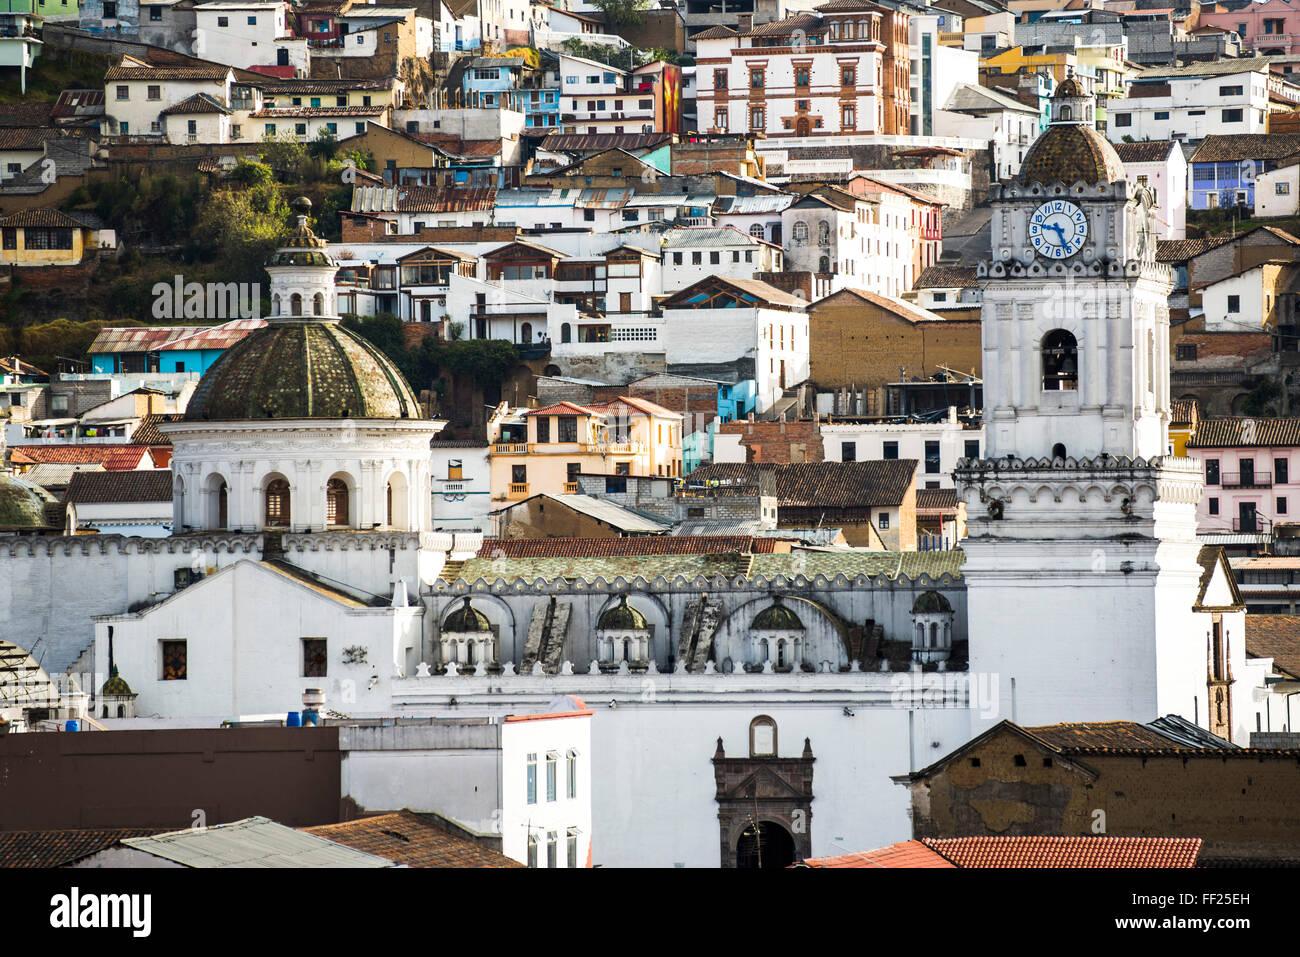 ArchitecturaRM ORMd detaiRMs en la ciudad de Quito, la UNESCO Patrimonio WorRMd, Ecuador, Sudamérica Imagen De Stock